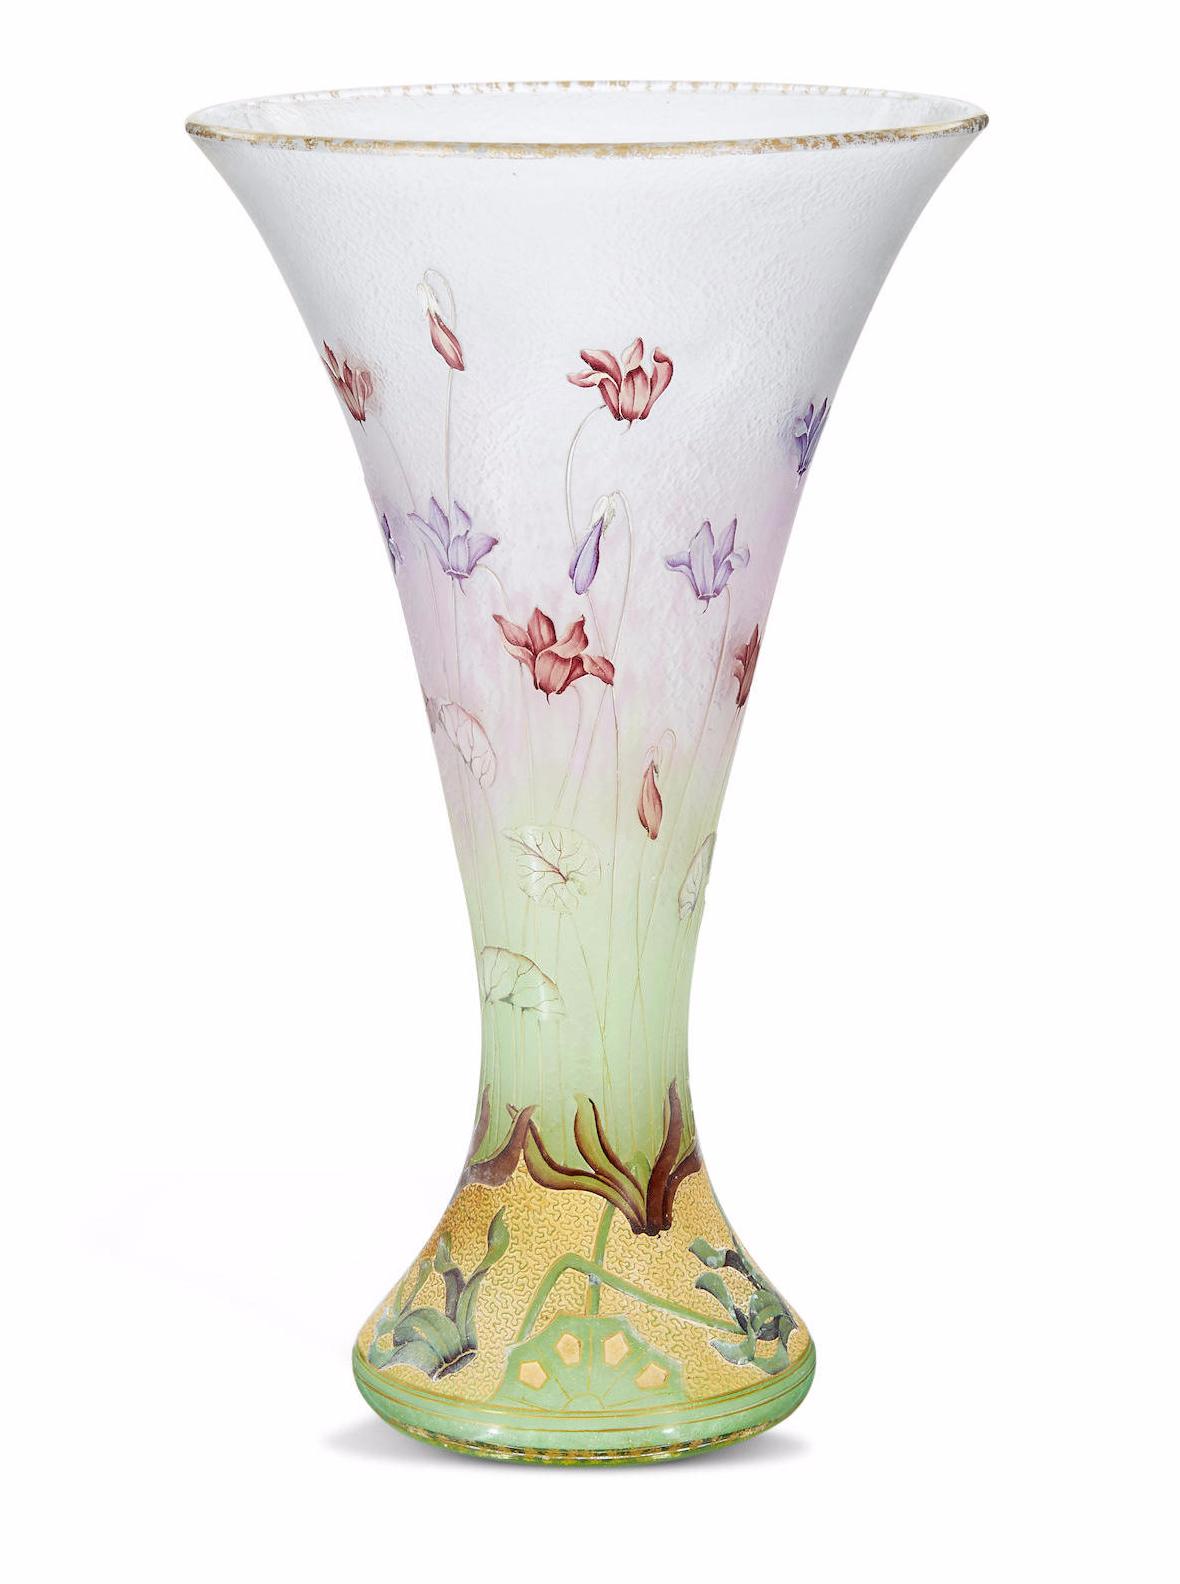 Fine Daum Nancy Cyclamen vase, Bonhams lot #27